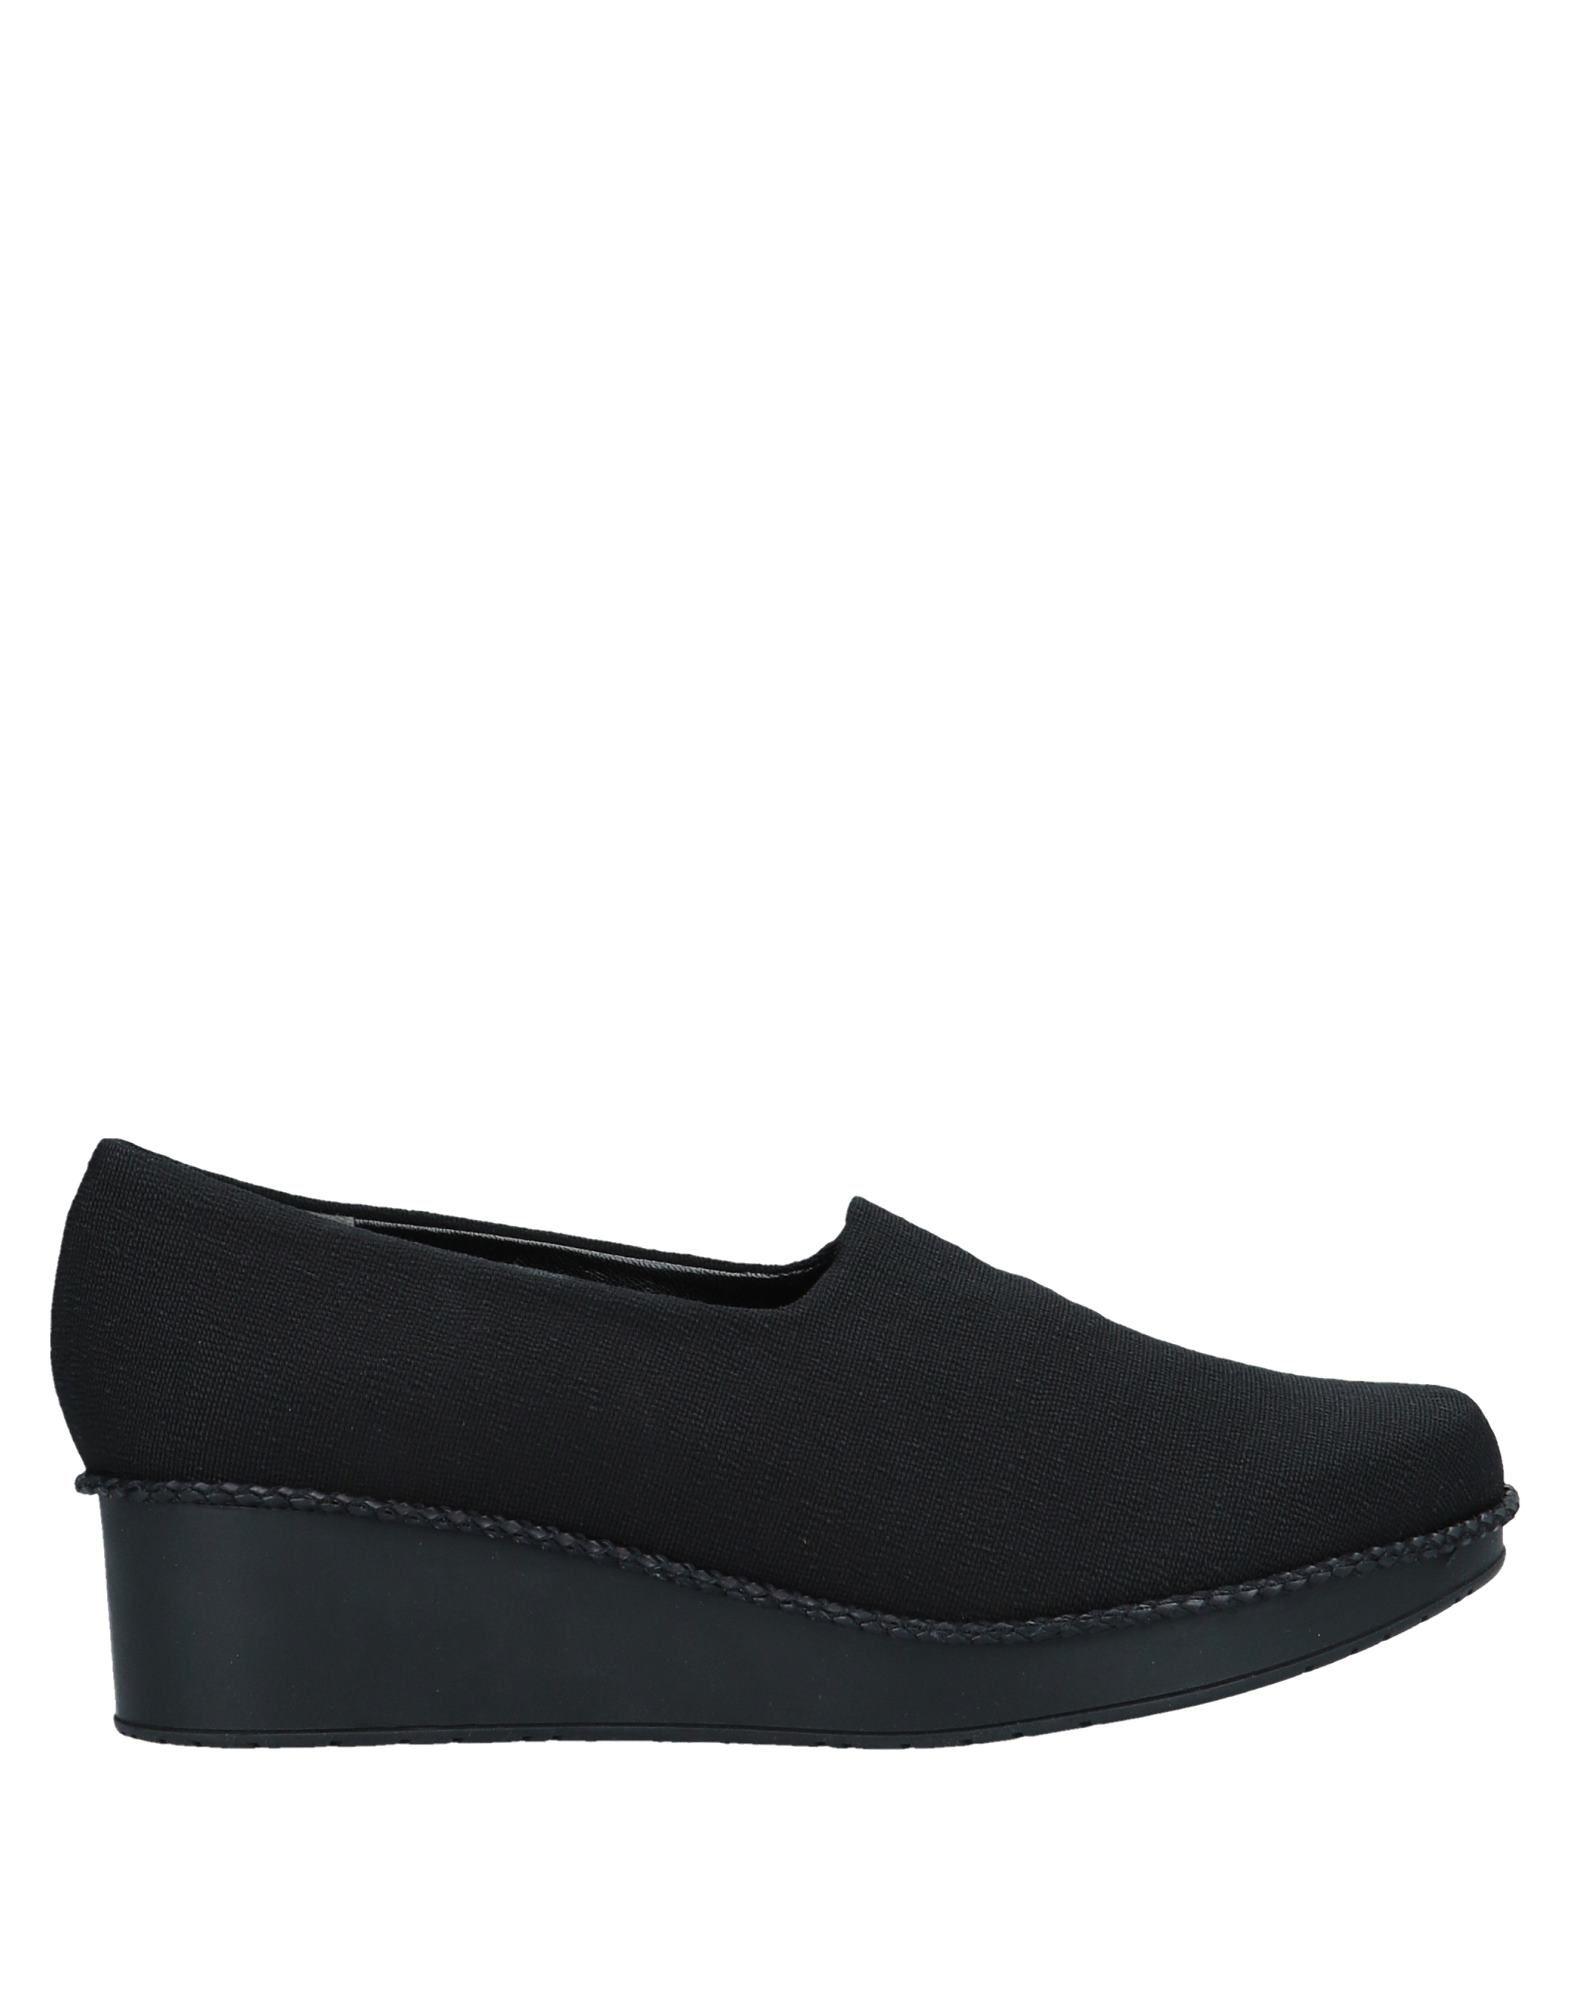 Gut um billige Schuhe zu tragenRobert Clergerie 11567766MI Mokassins Damen 11567766MI Clergerie 75931a